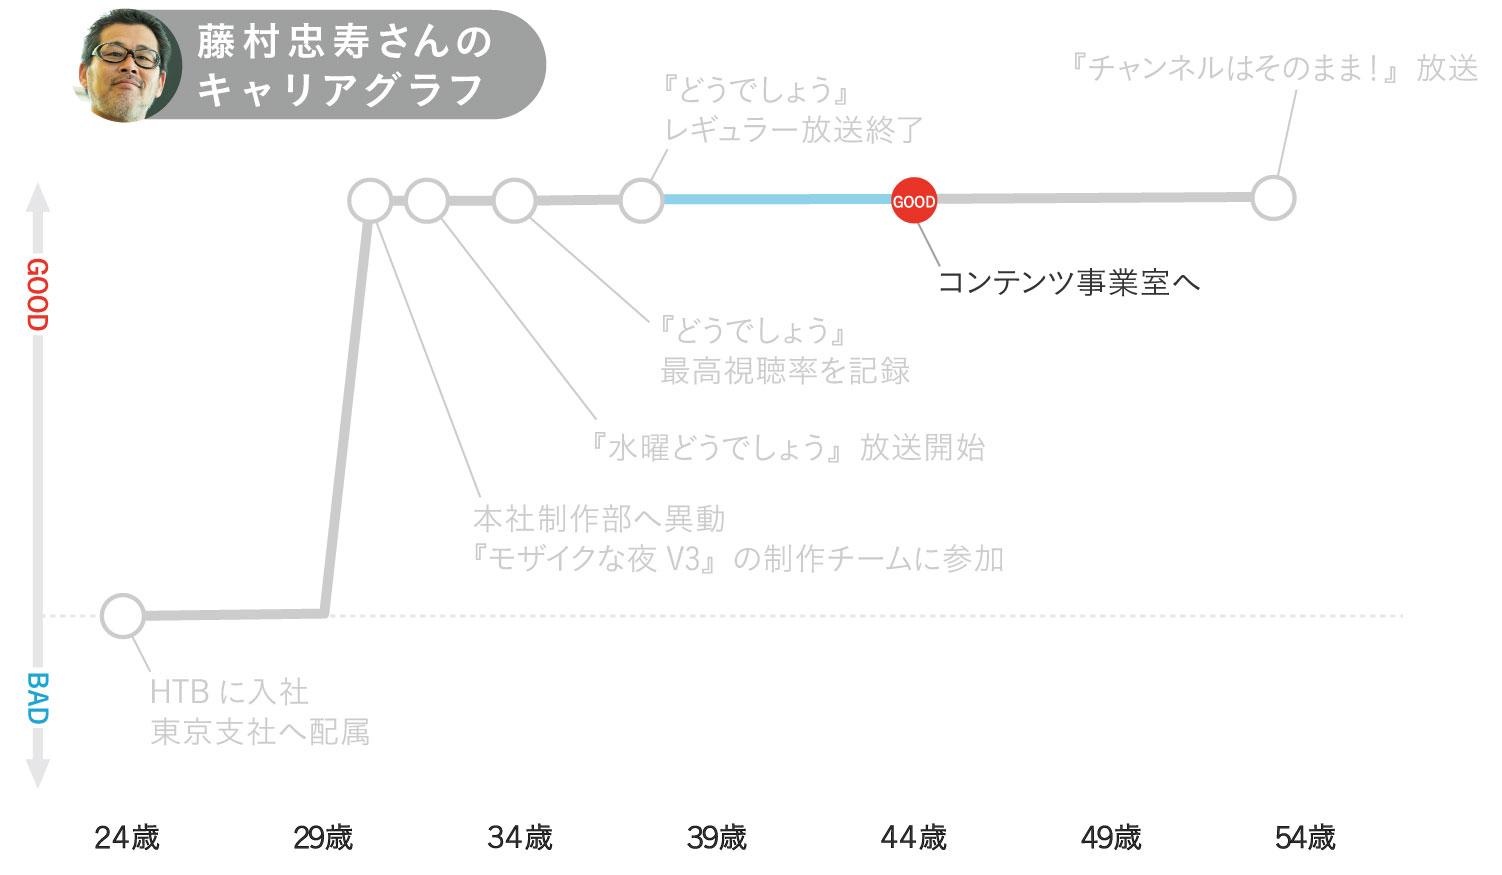 藤村忠寿さんのキャリアグラフ5